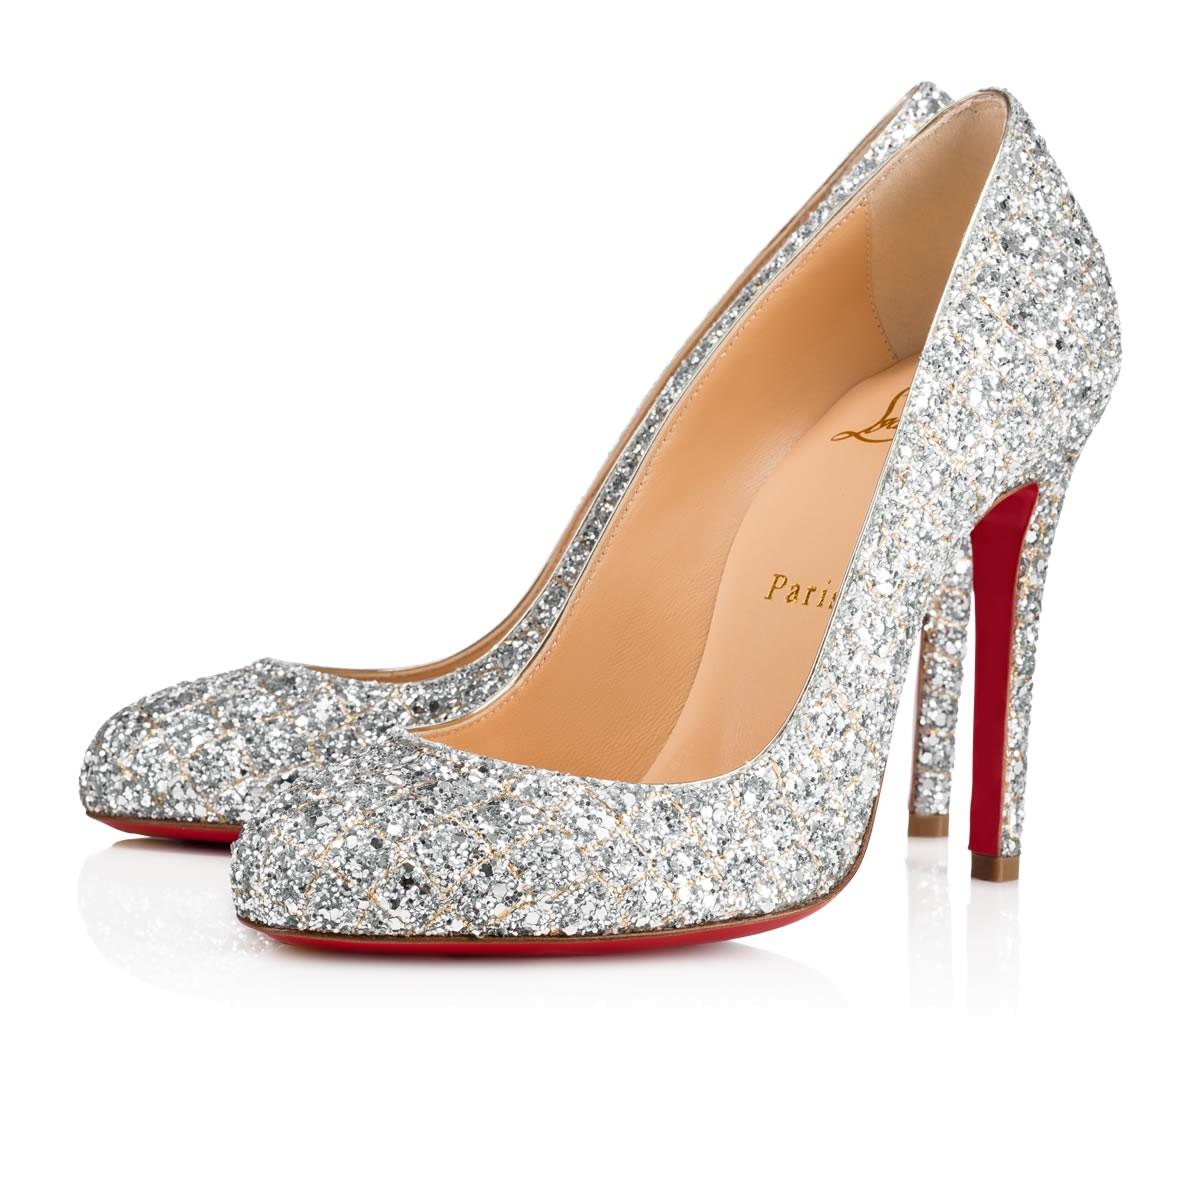 Scarpe da sposa argento Christian Louboutin glitter collezione 2018